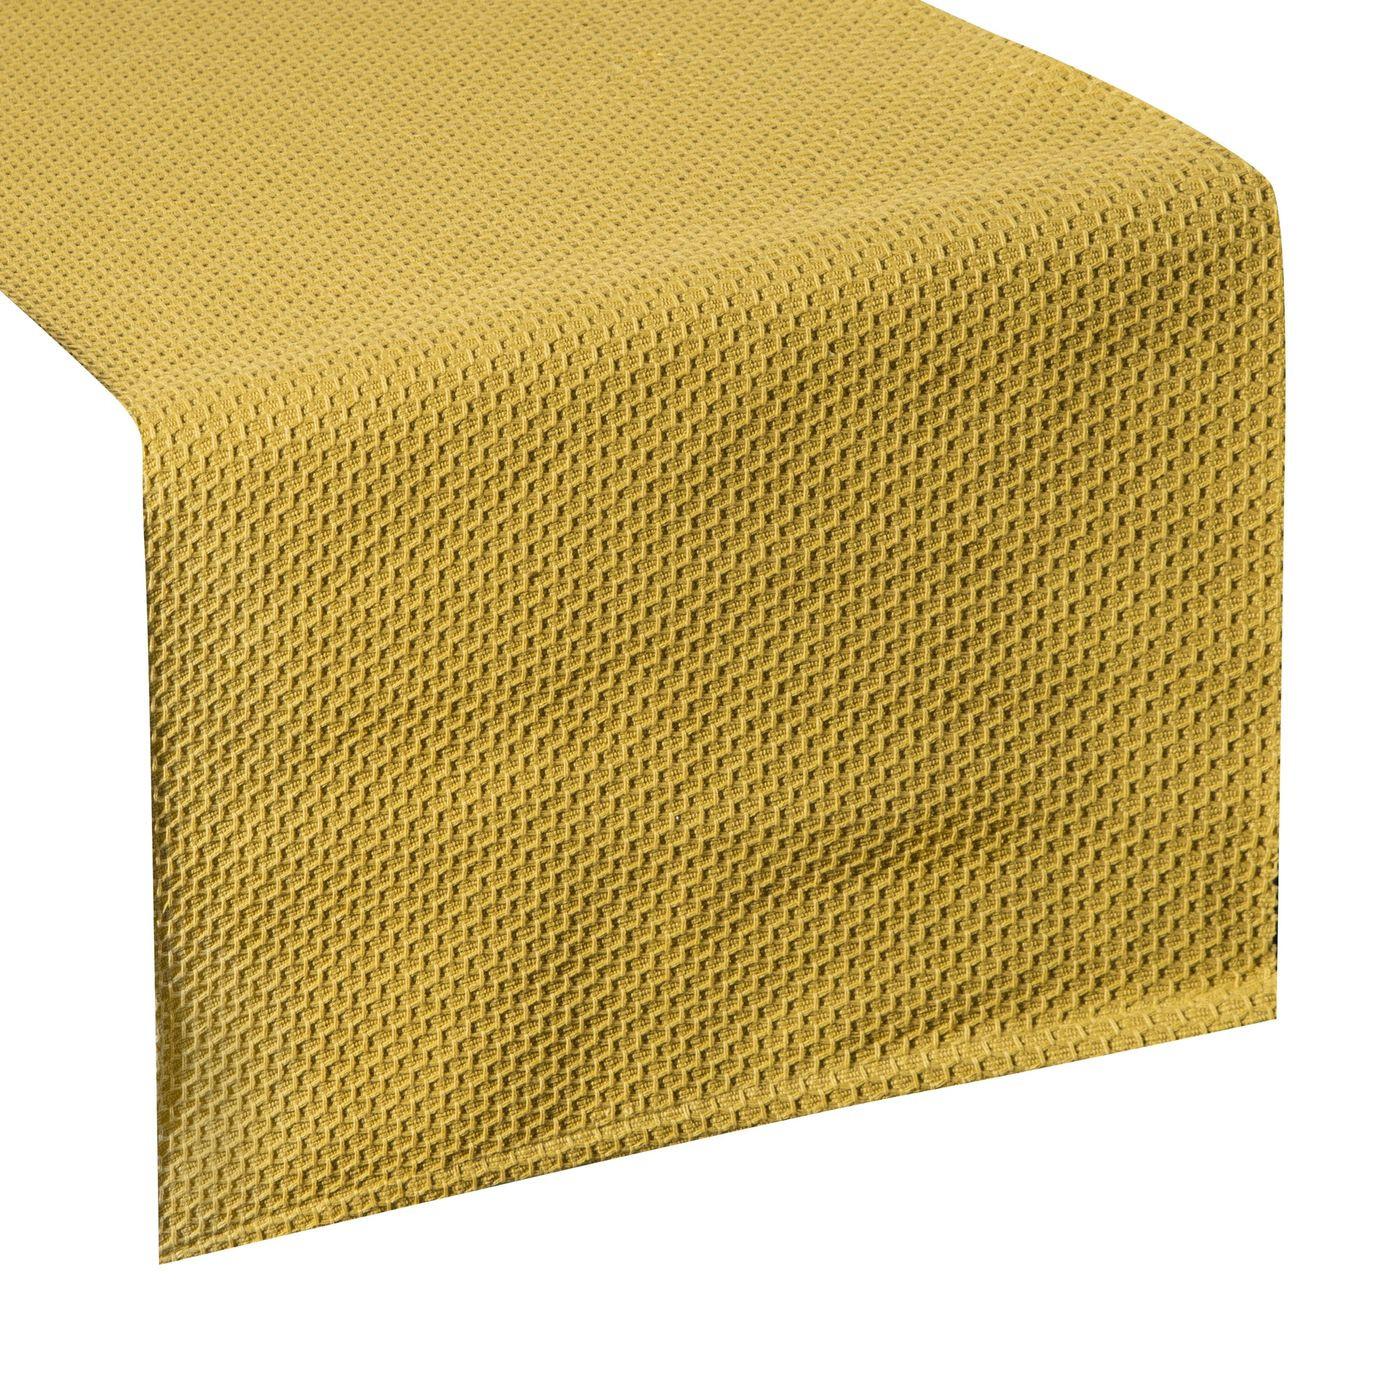 Musztardowy bieżnik na stół bawełniany 40x140 cm